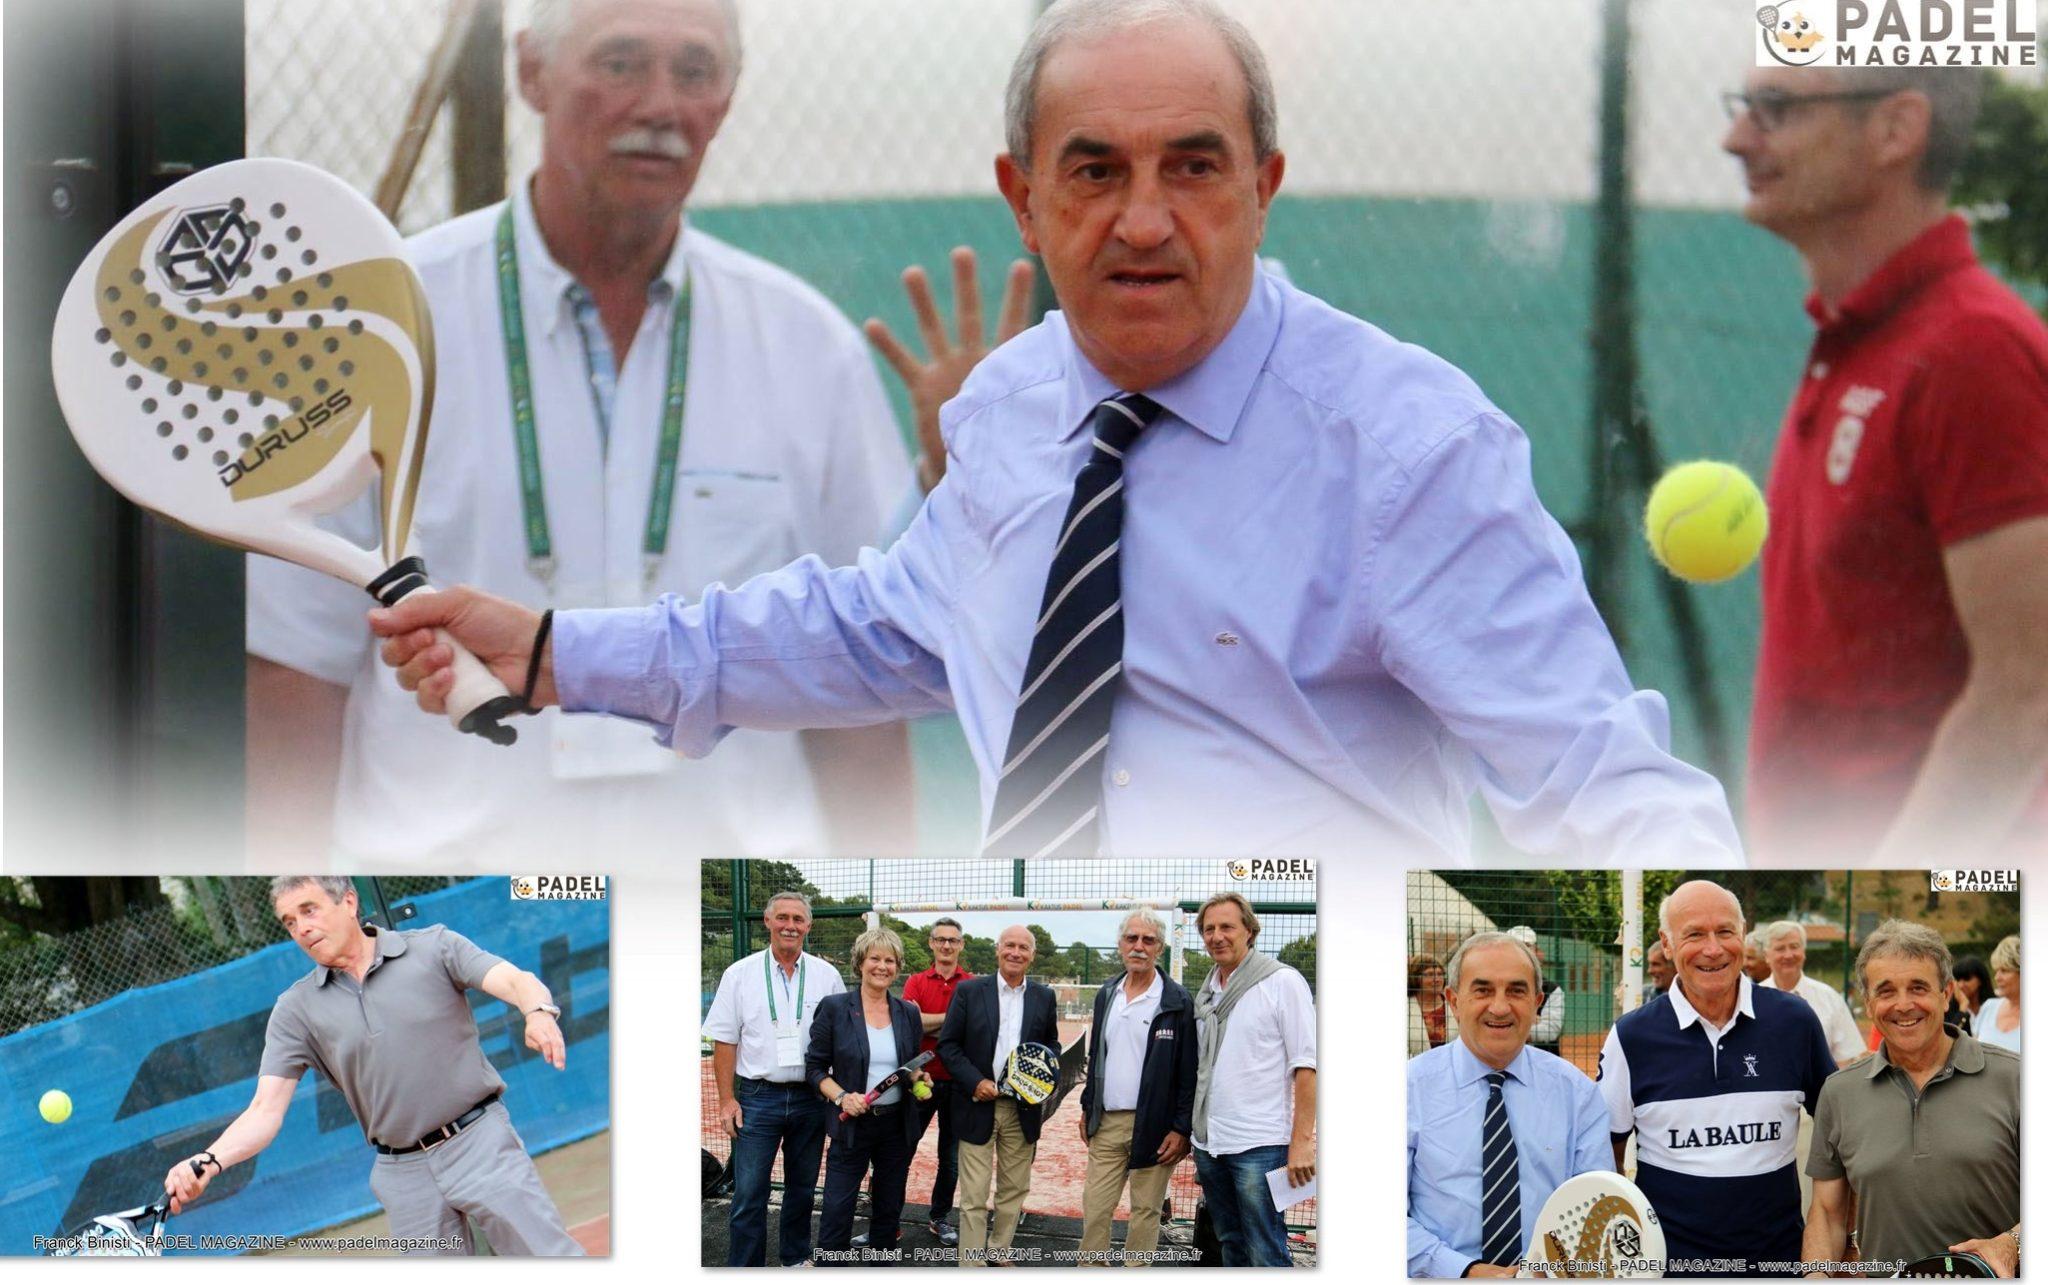 Jean Gachassin et Jean-Pierre Dartevelle inaugurent le padel à la Baule